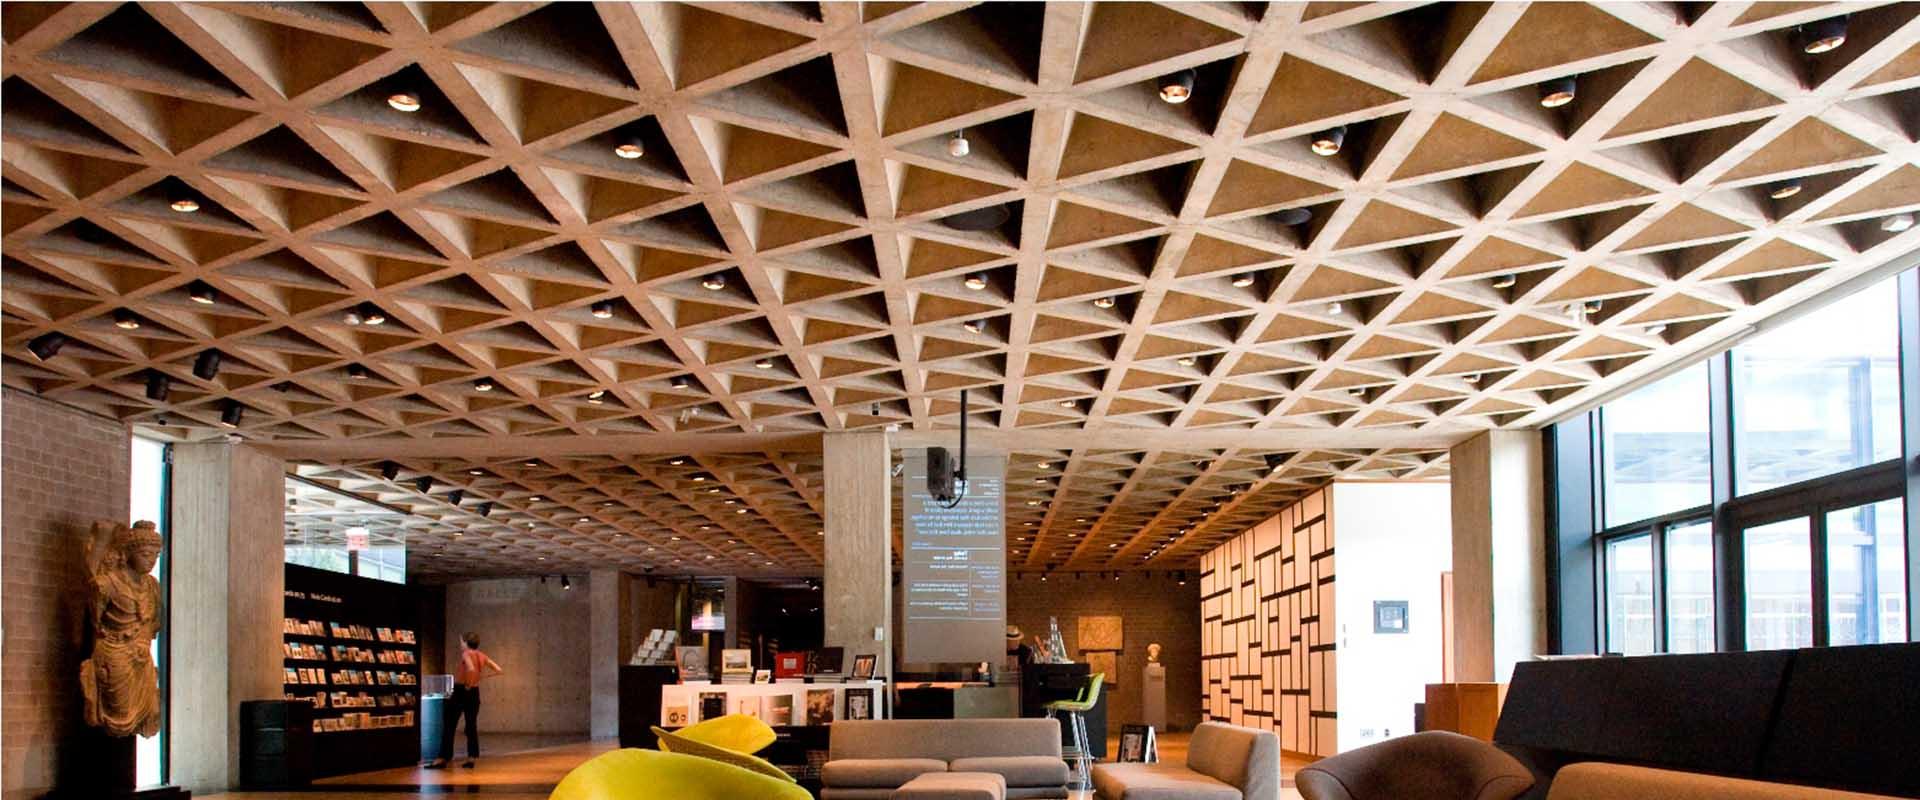 پروژههای مطرح ساخته شده با سقف وافل